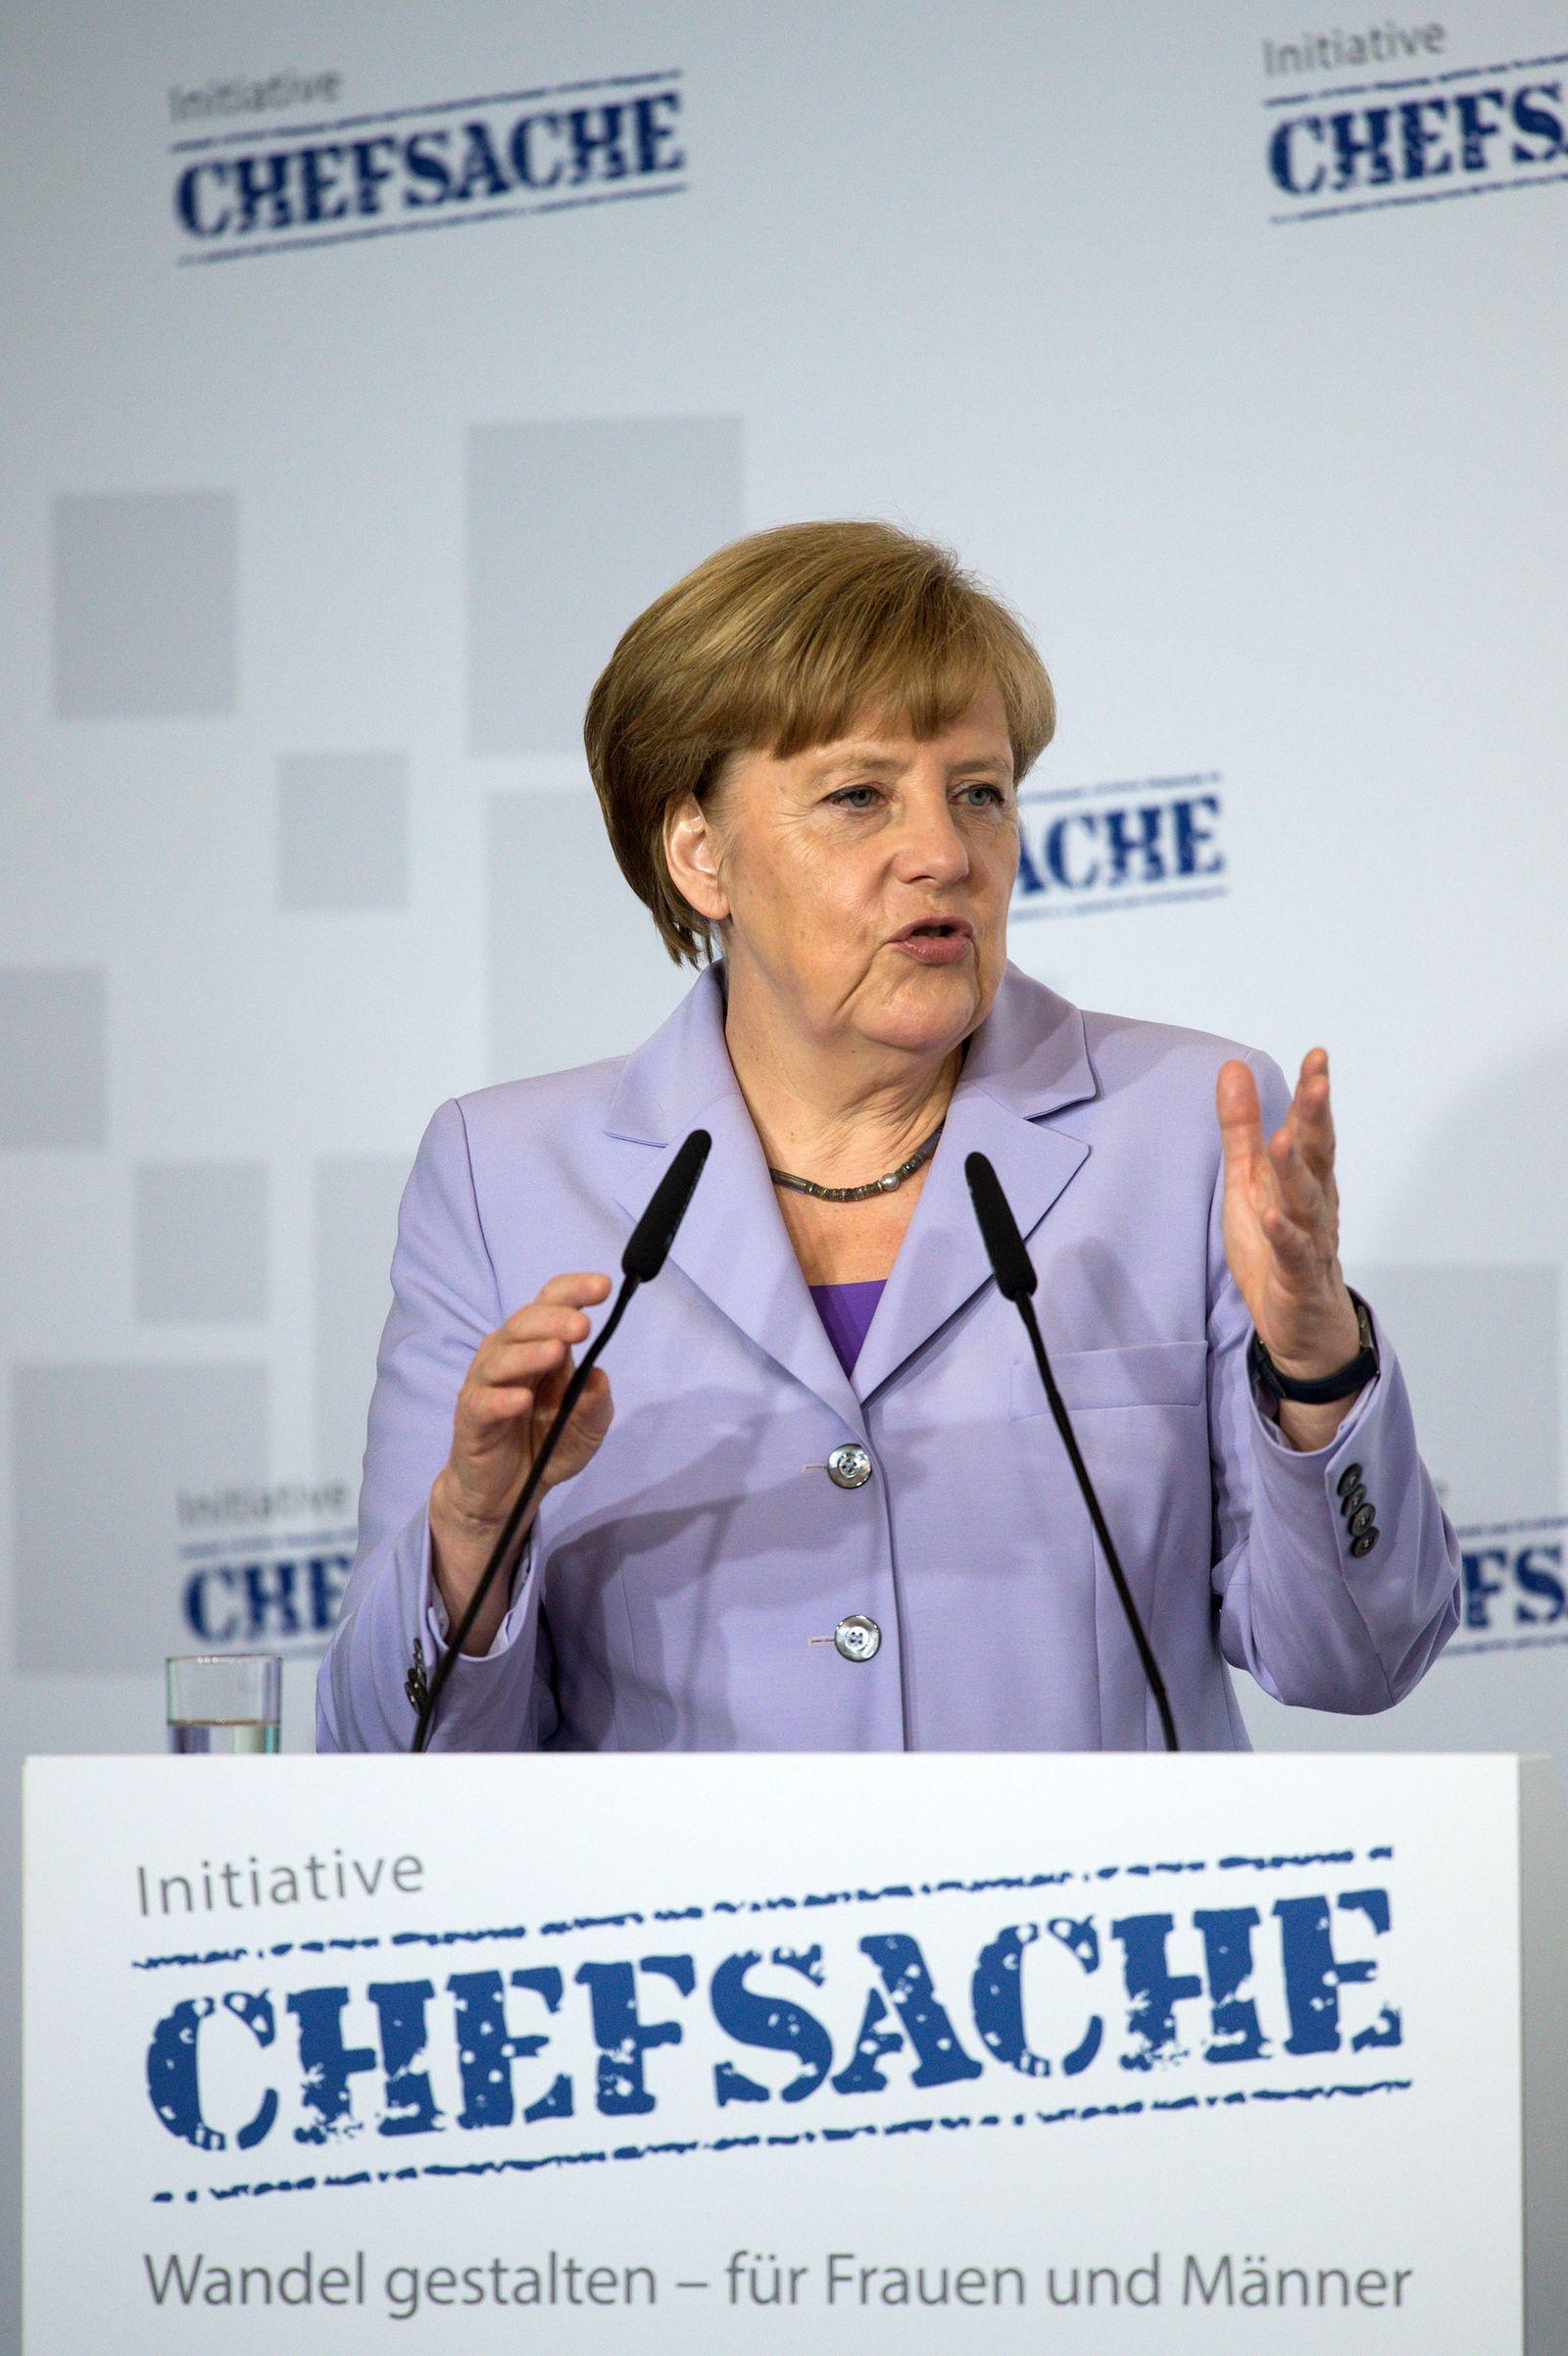 """Merkel; Chefsache """"Wandel gestalten - für Frauen und Männer"""""""